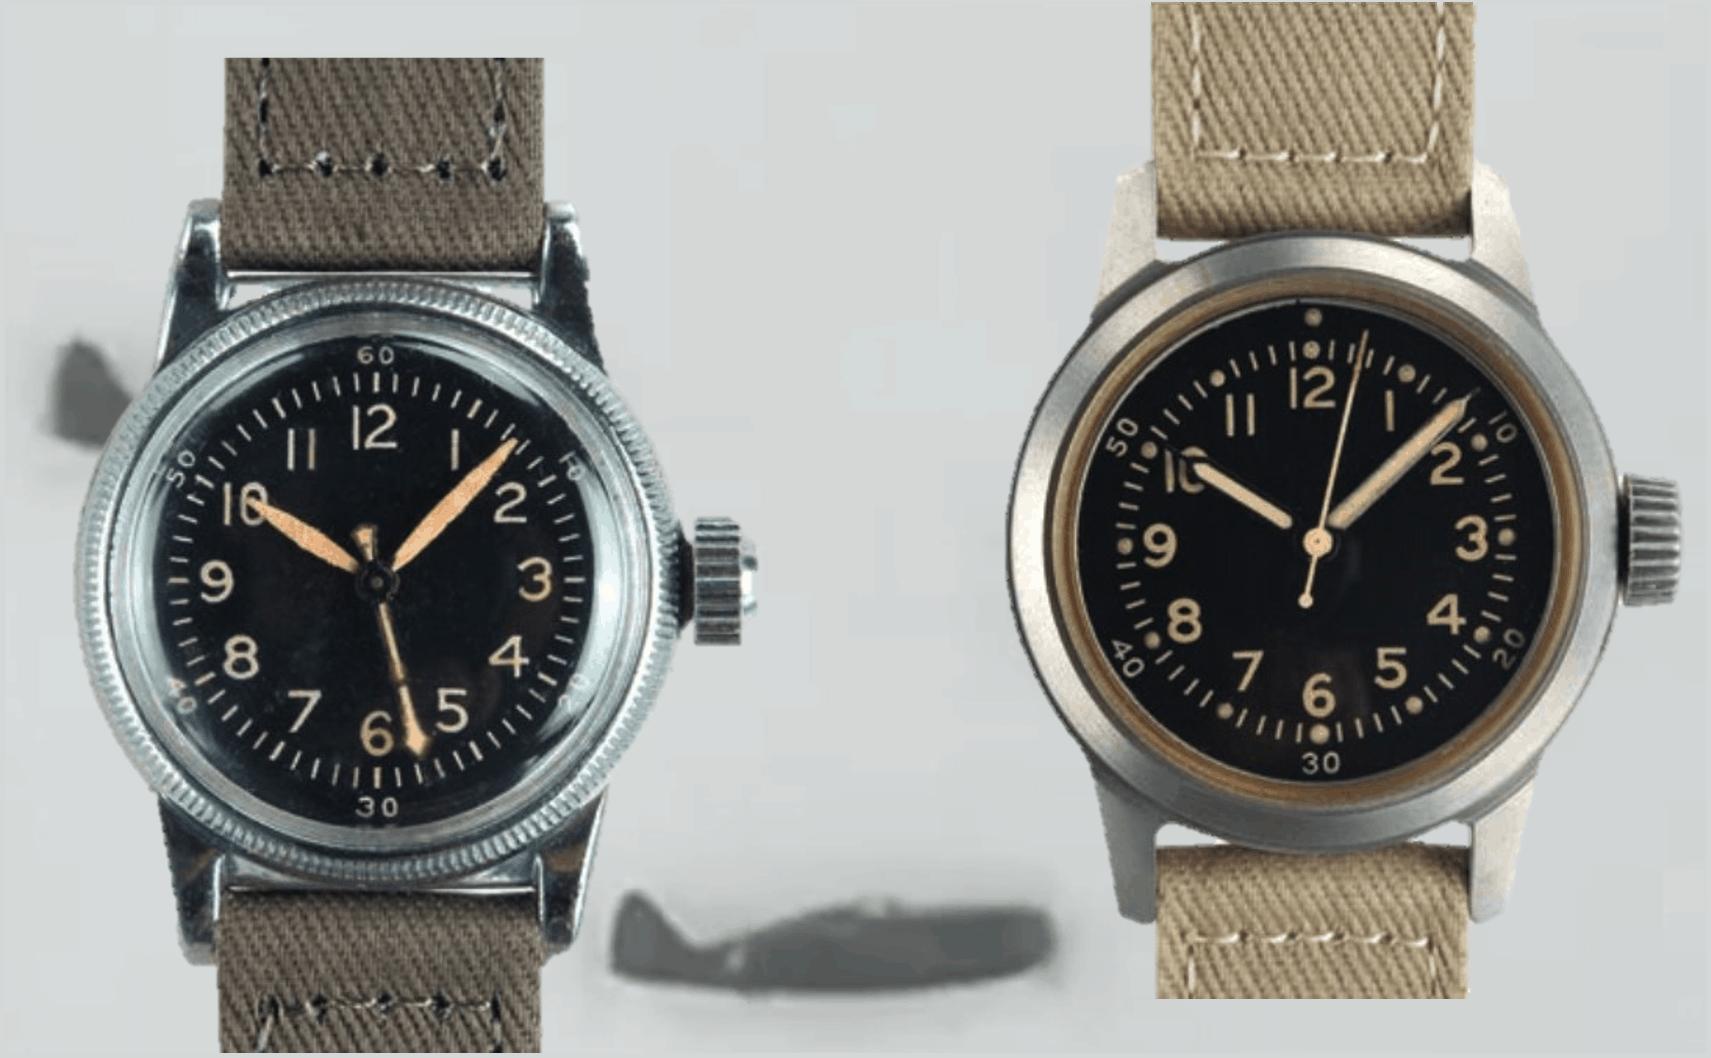 Flieger Armbanduhren des zweiten Weltkriegs von Waltham